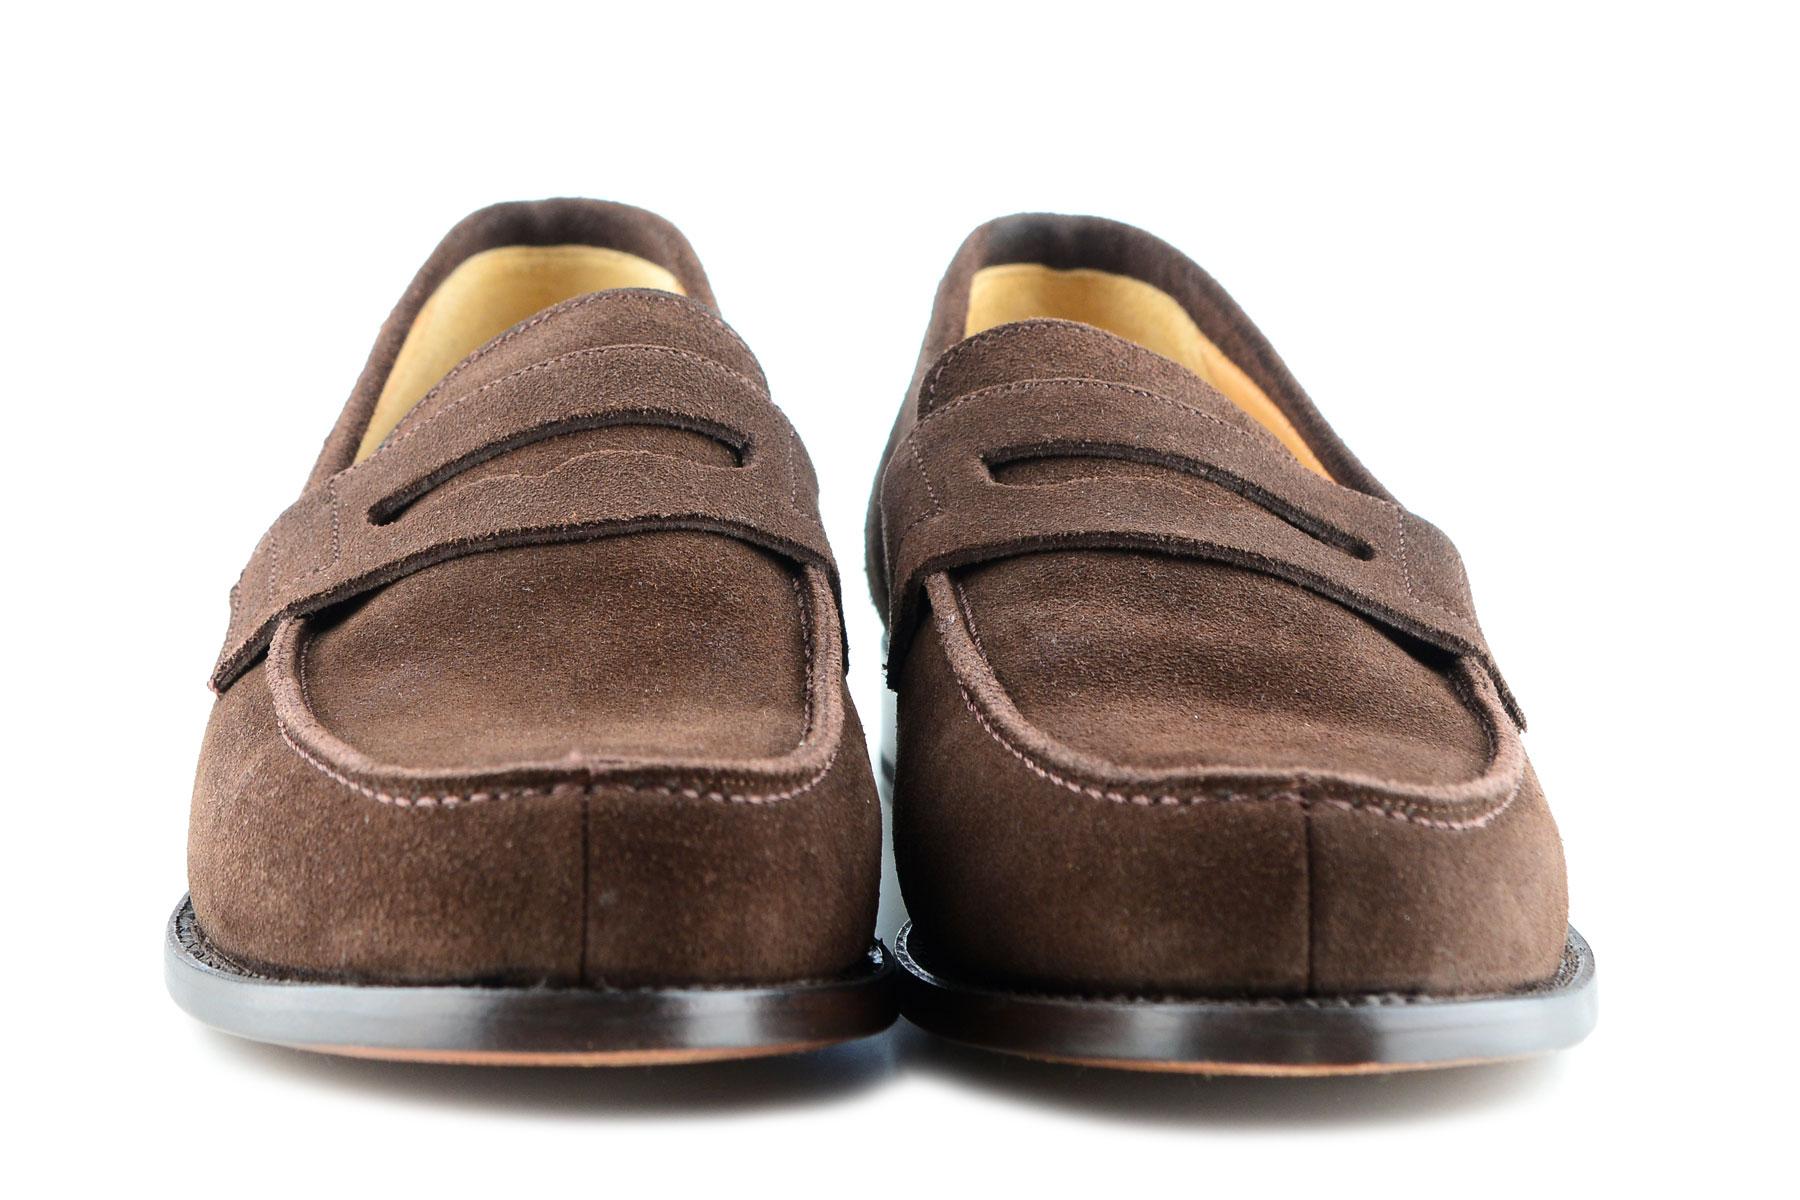 Alistair Grey Penny Loafer | Schlupfhalbschuh für Herren